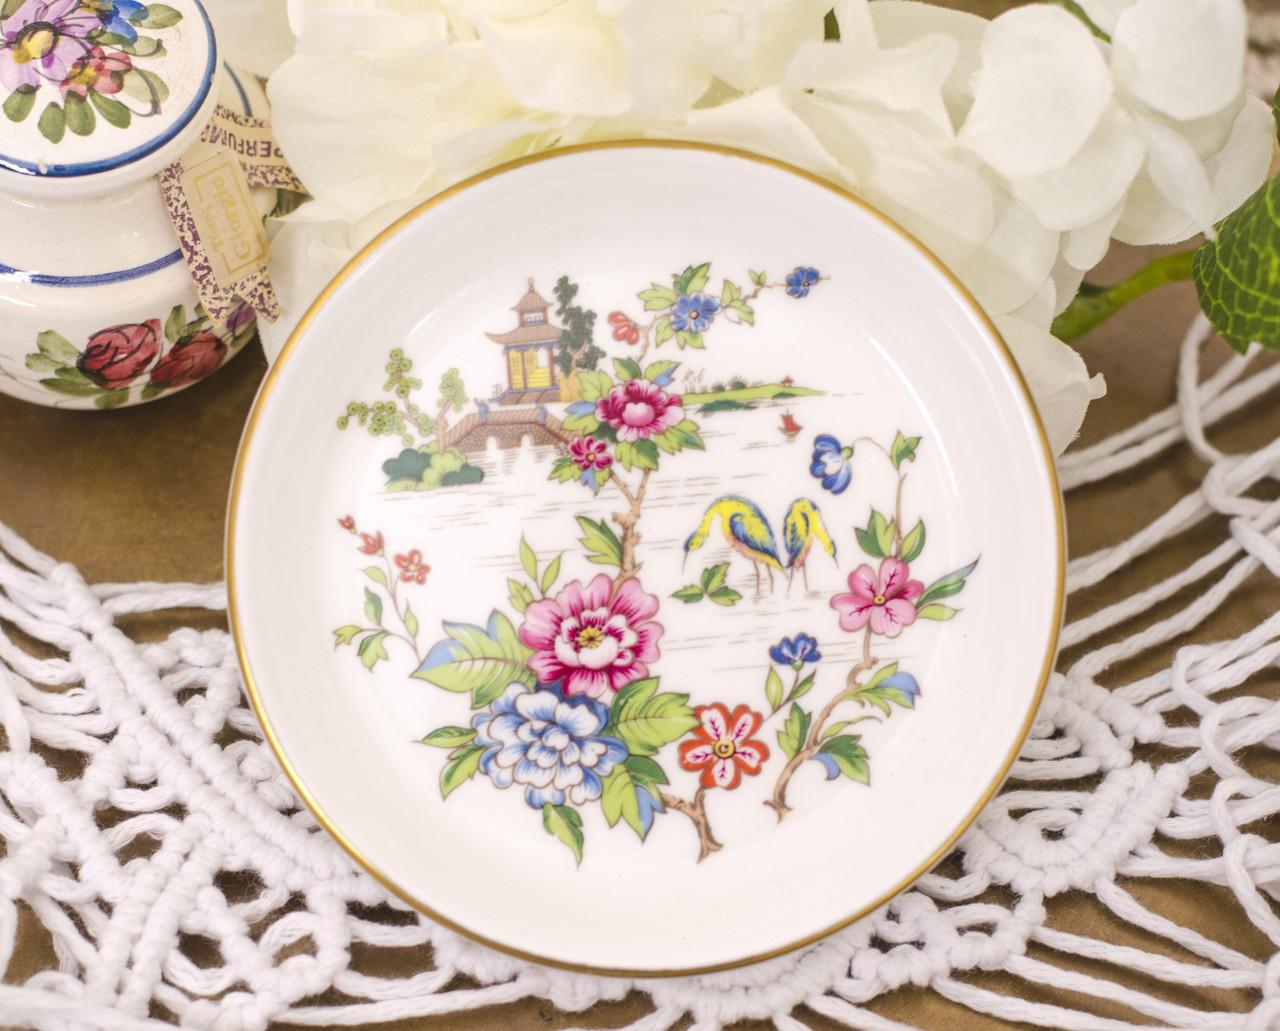 Фарфоровая тарелочка, блюдце для колец, розетка с цветами, Англия, Crown Staffordshire